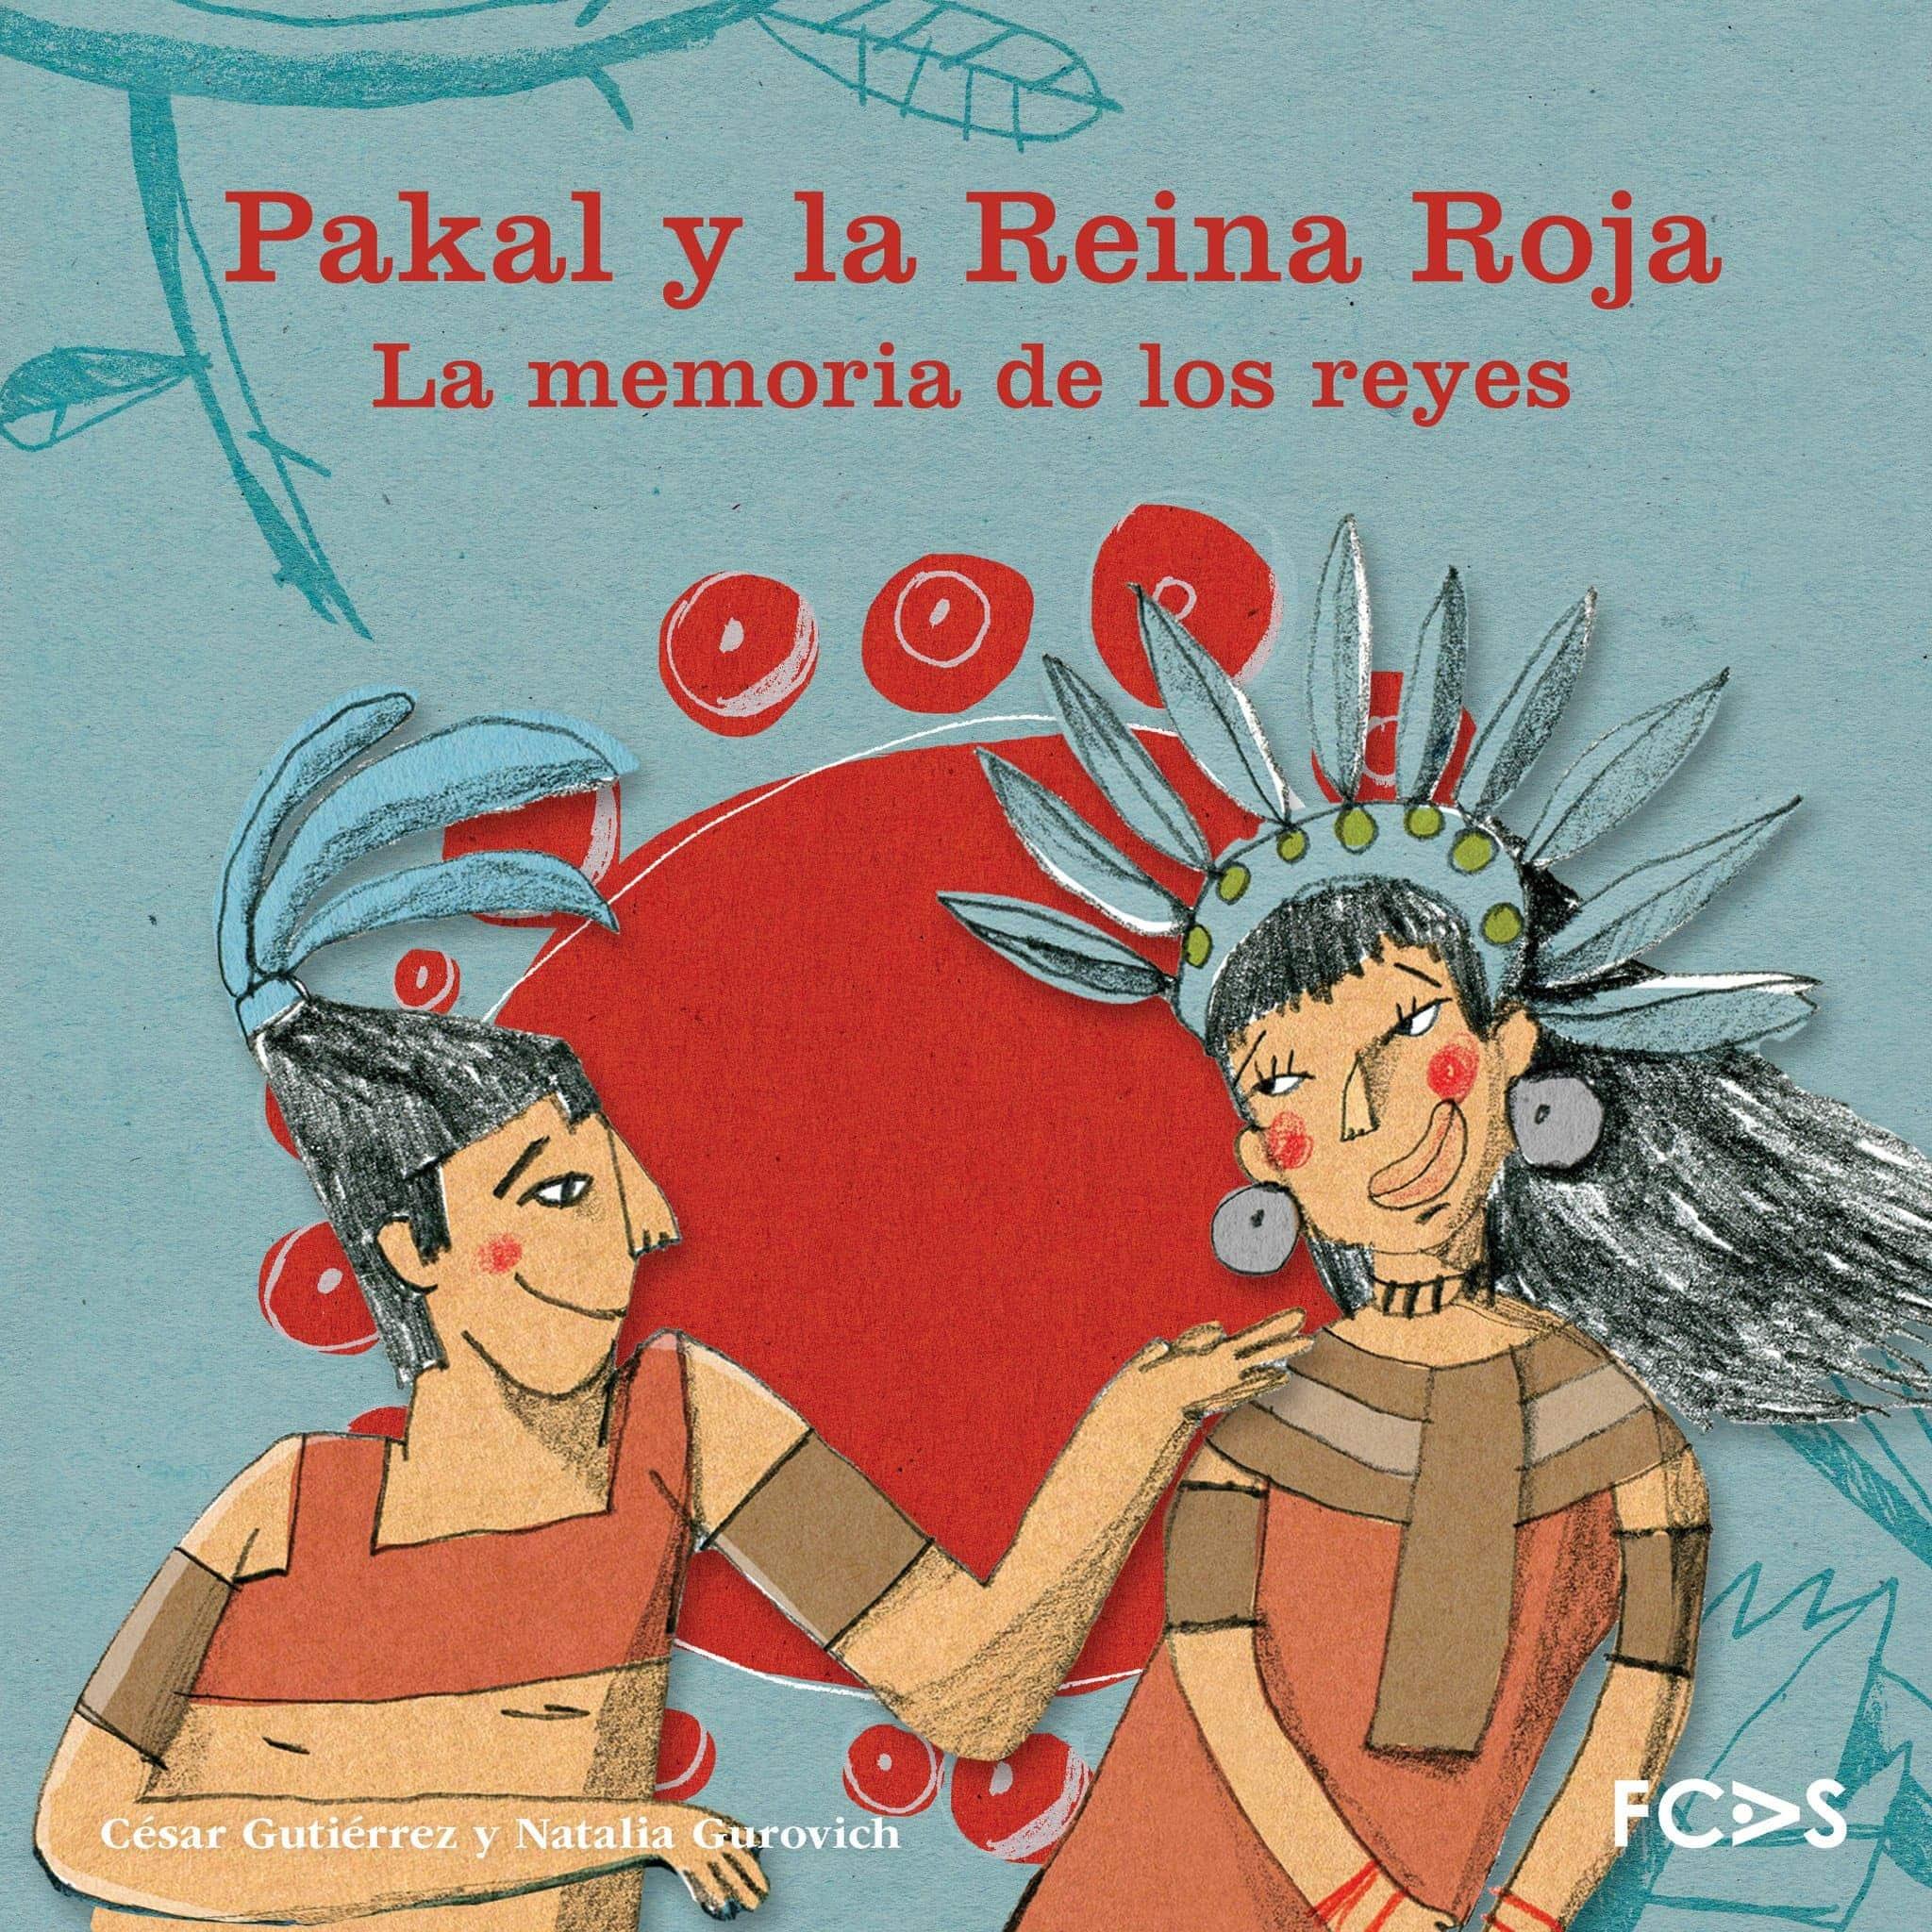 Pakal y la Reina Roja. La memoria de los reyes